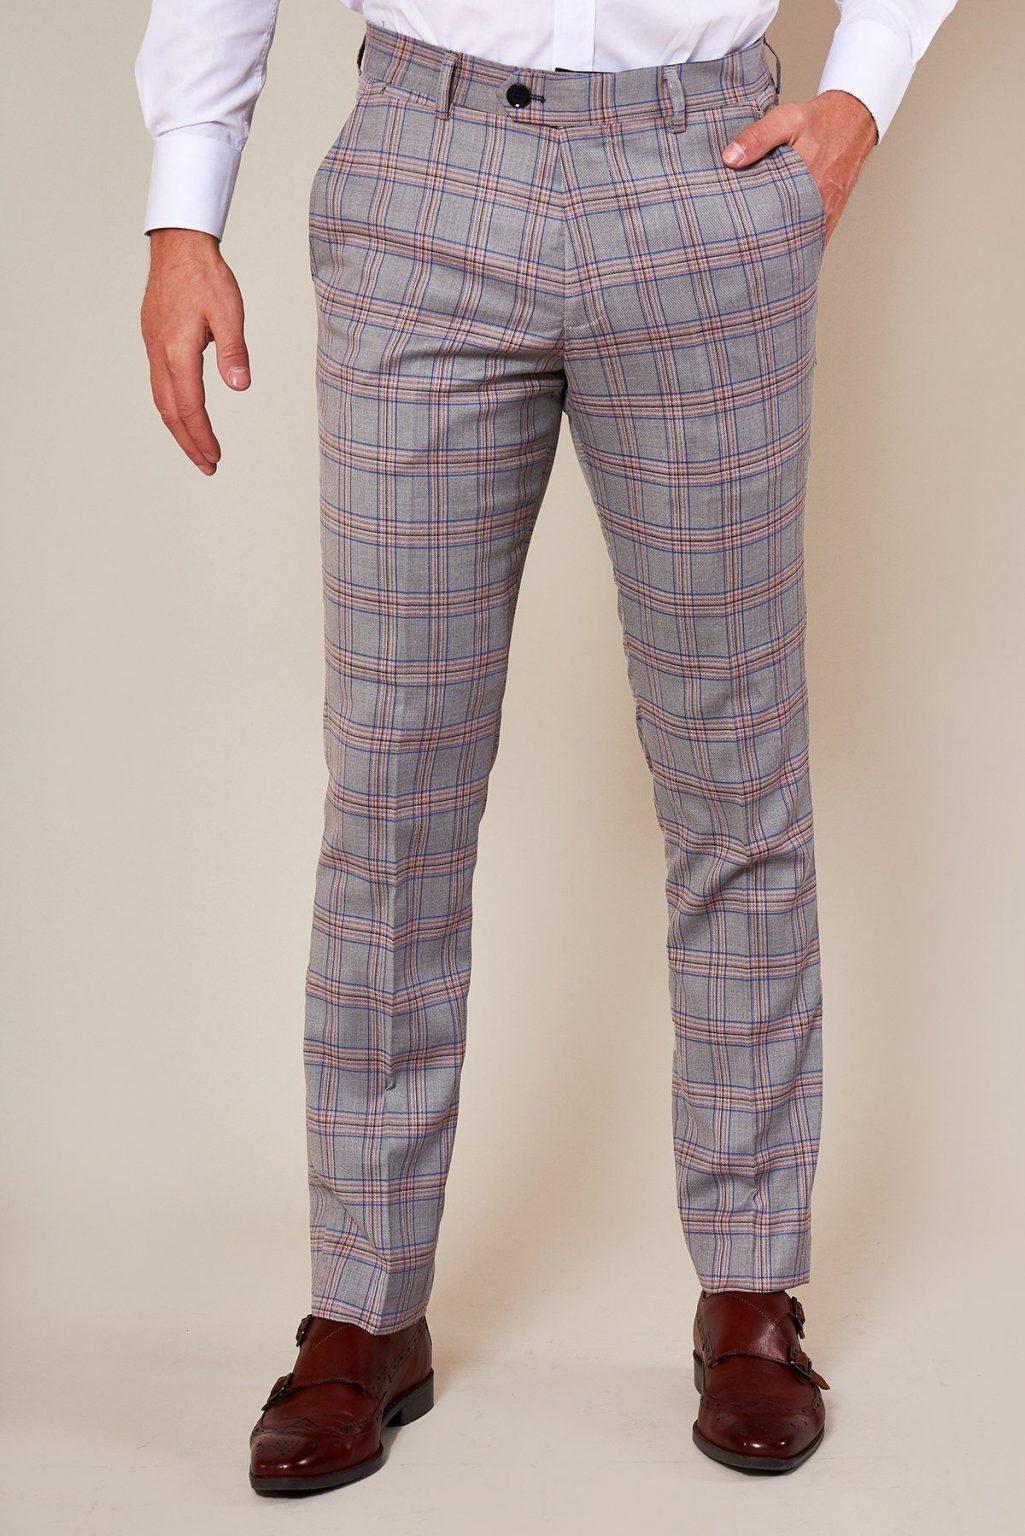 Marc Darcy Alvin Grey Check 3 Piece Suit